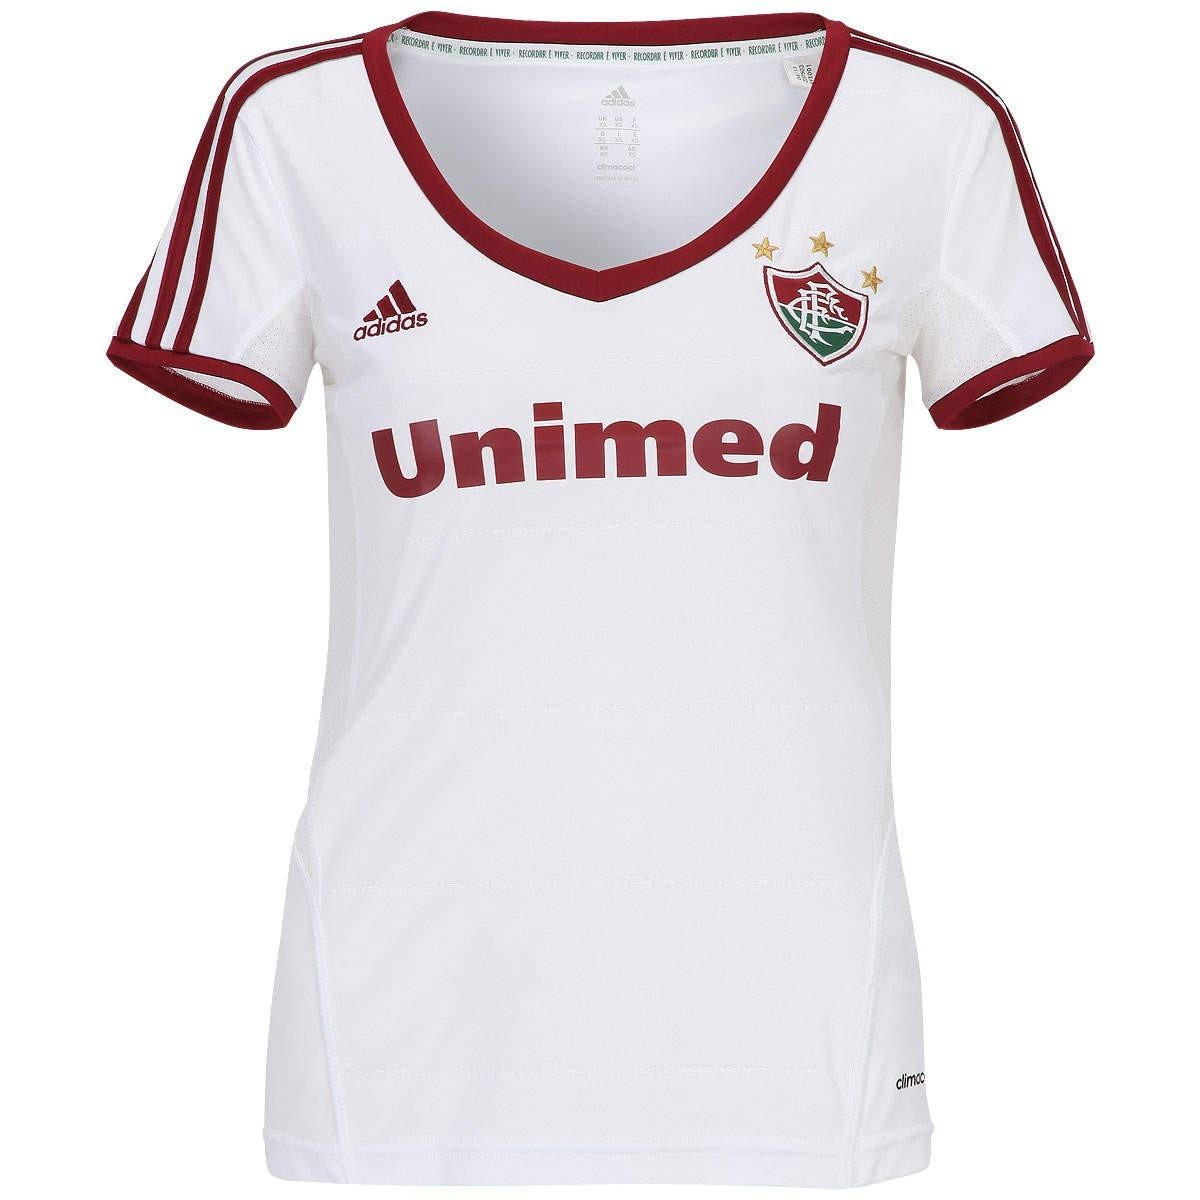 682e872aaf camisa do fluminense feminina branca oficial adidas blusinha. Carregando  zoom.